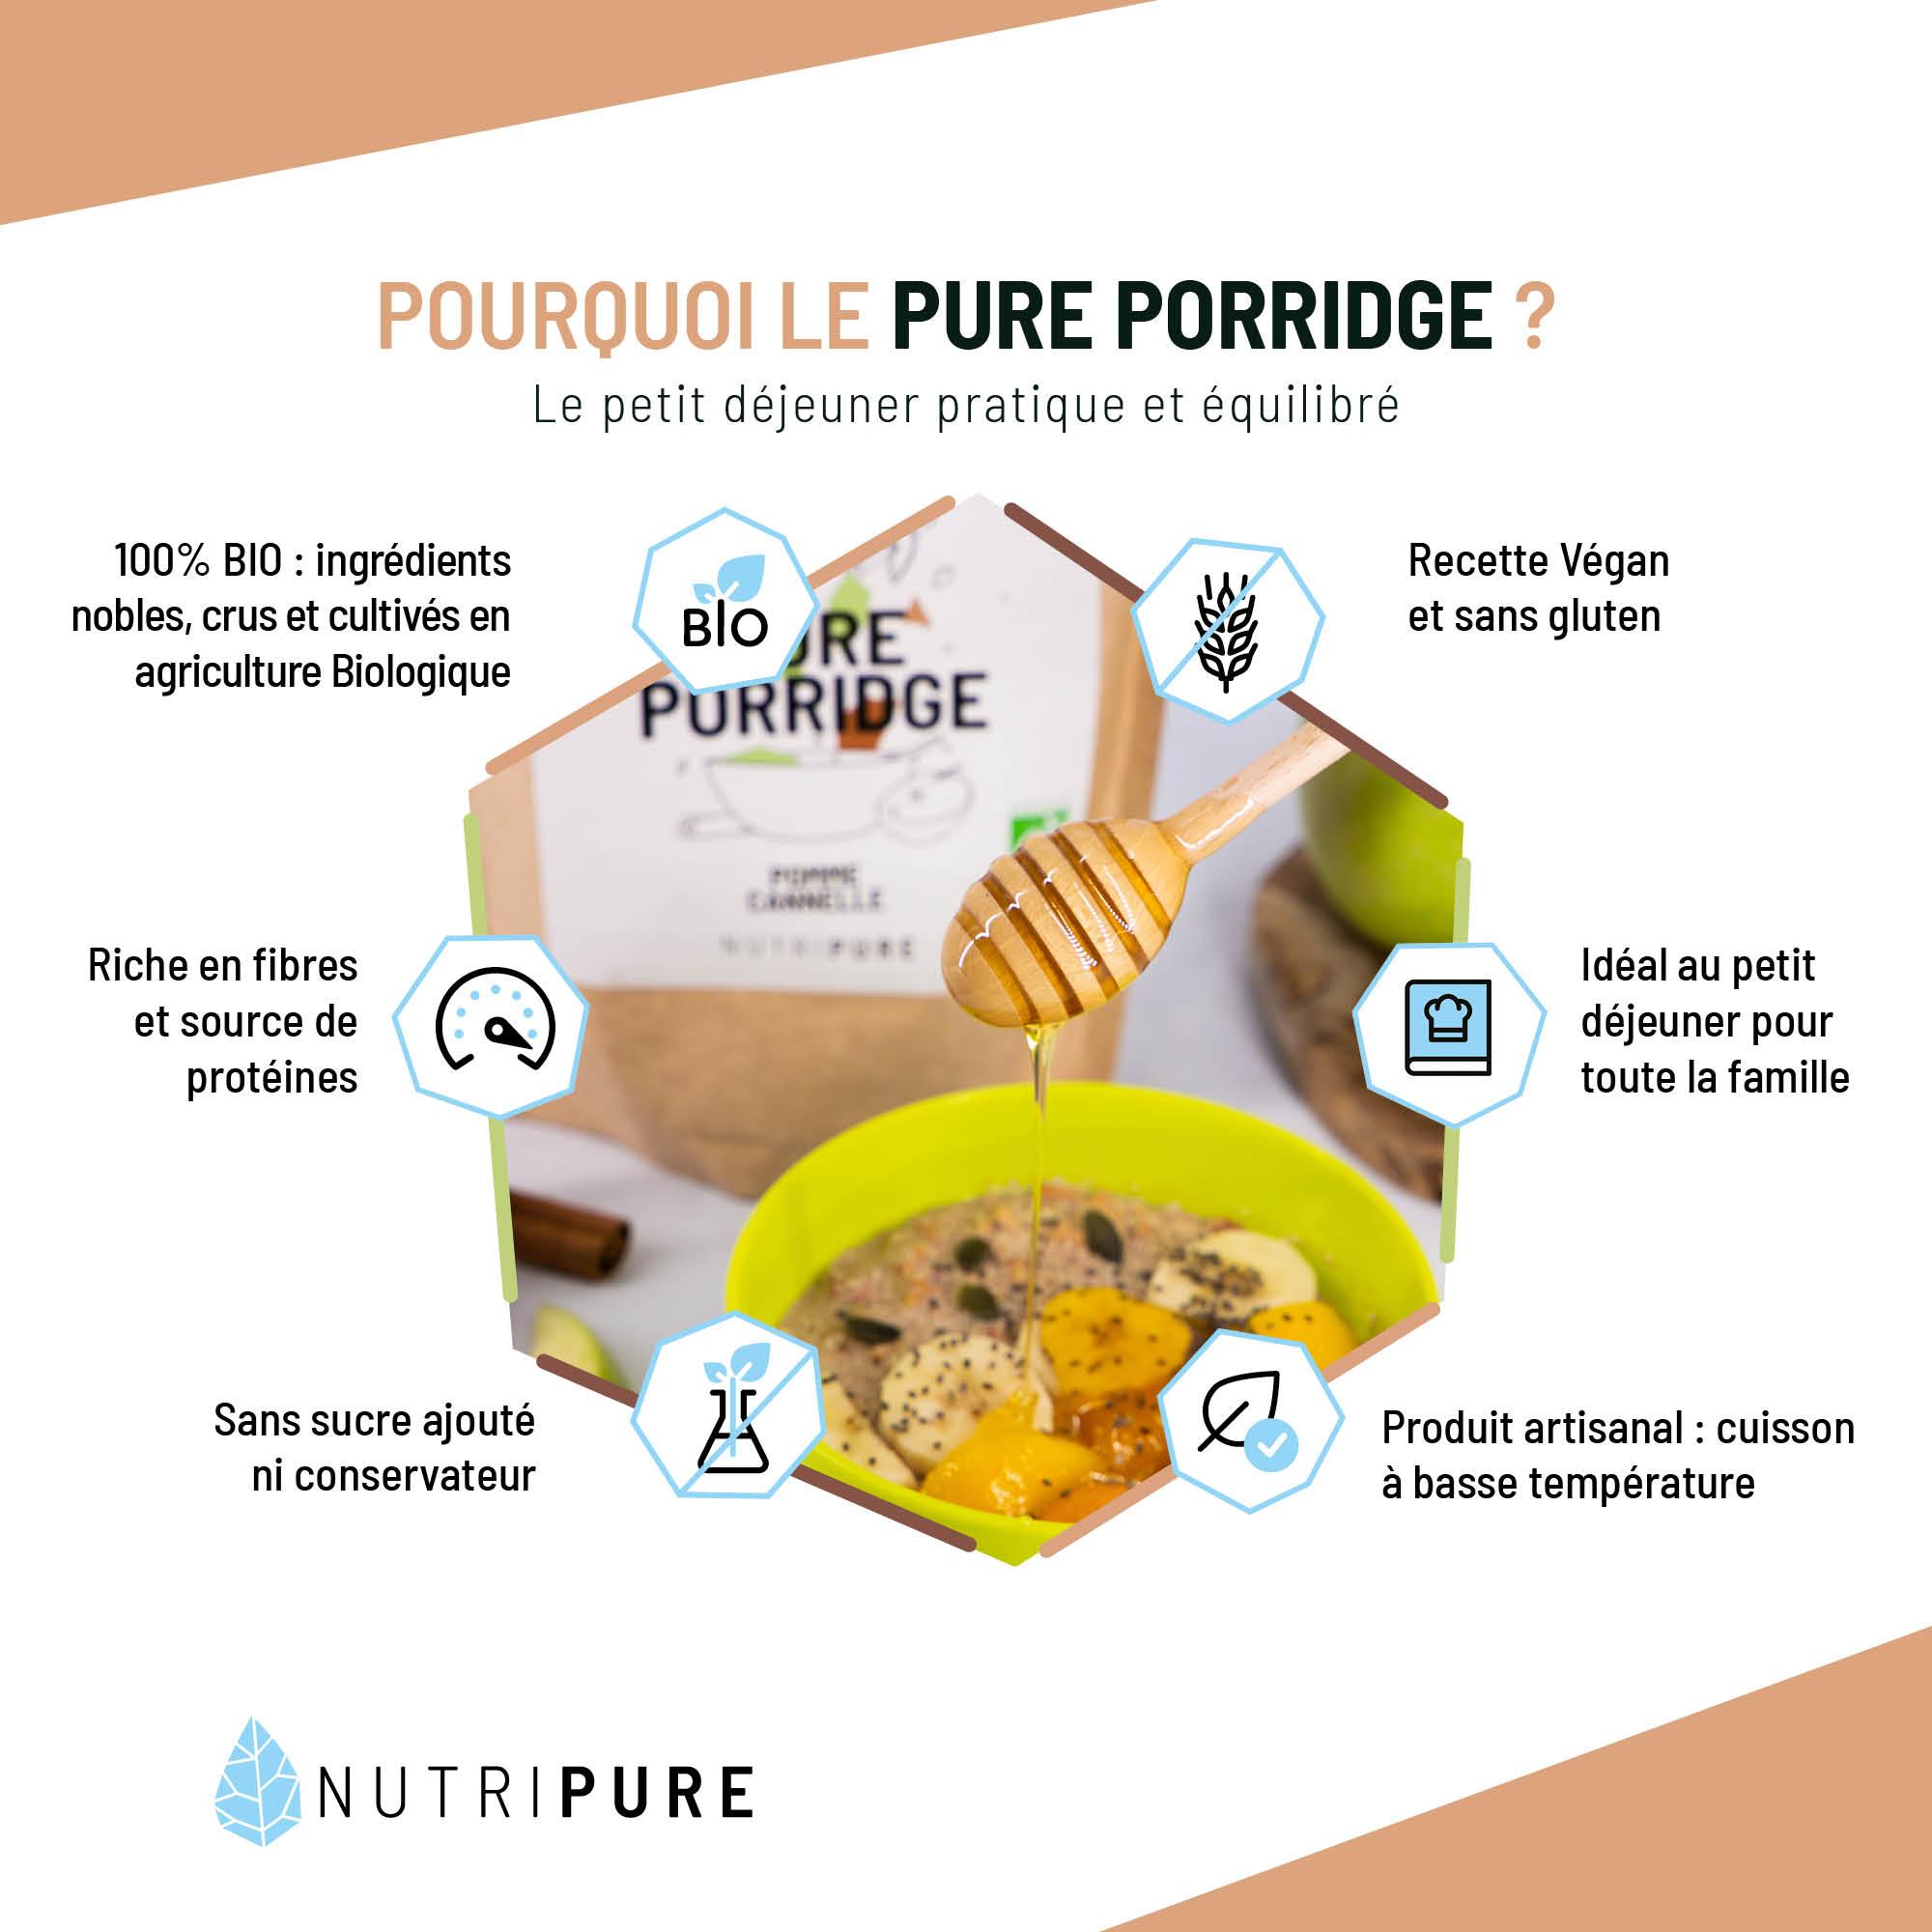 Pourquoi manger du porridge ?